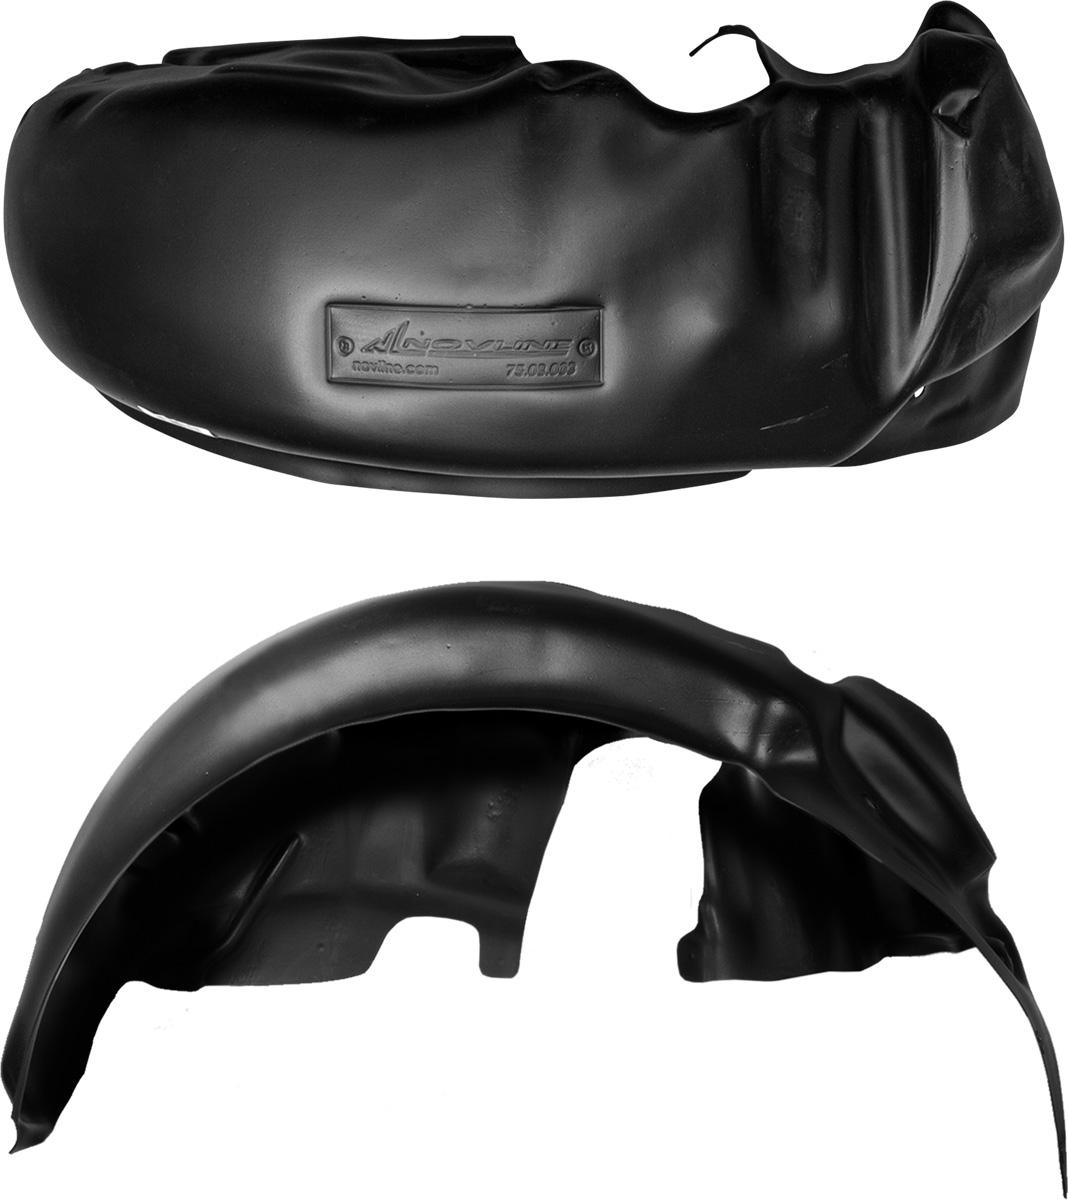 Подкрылок LADA Largus, 2012 ->, задний левый как оформить куплю продажу автомобиля 2012